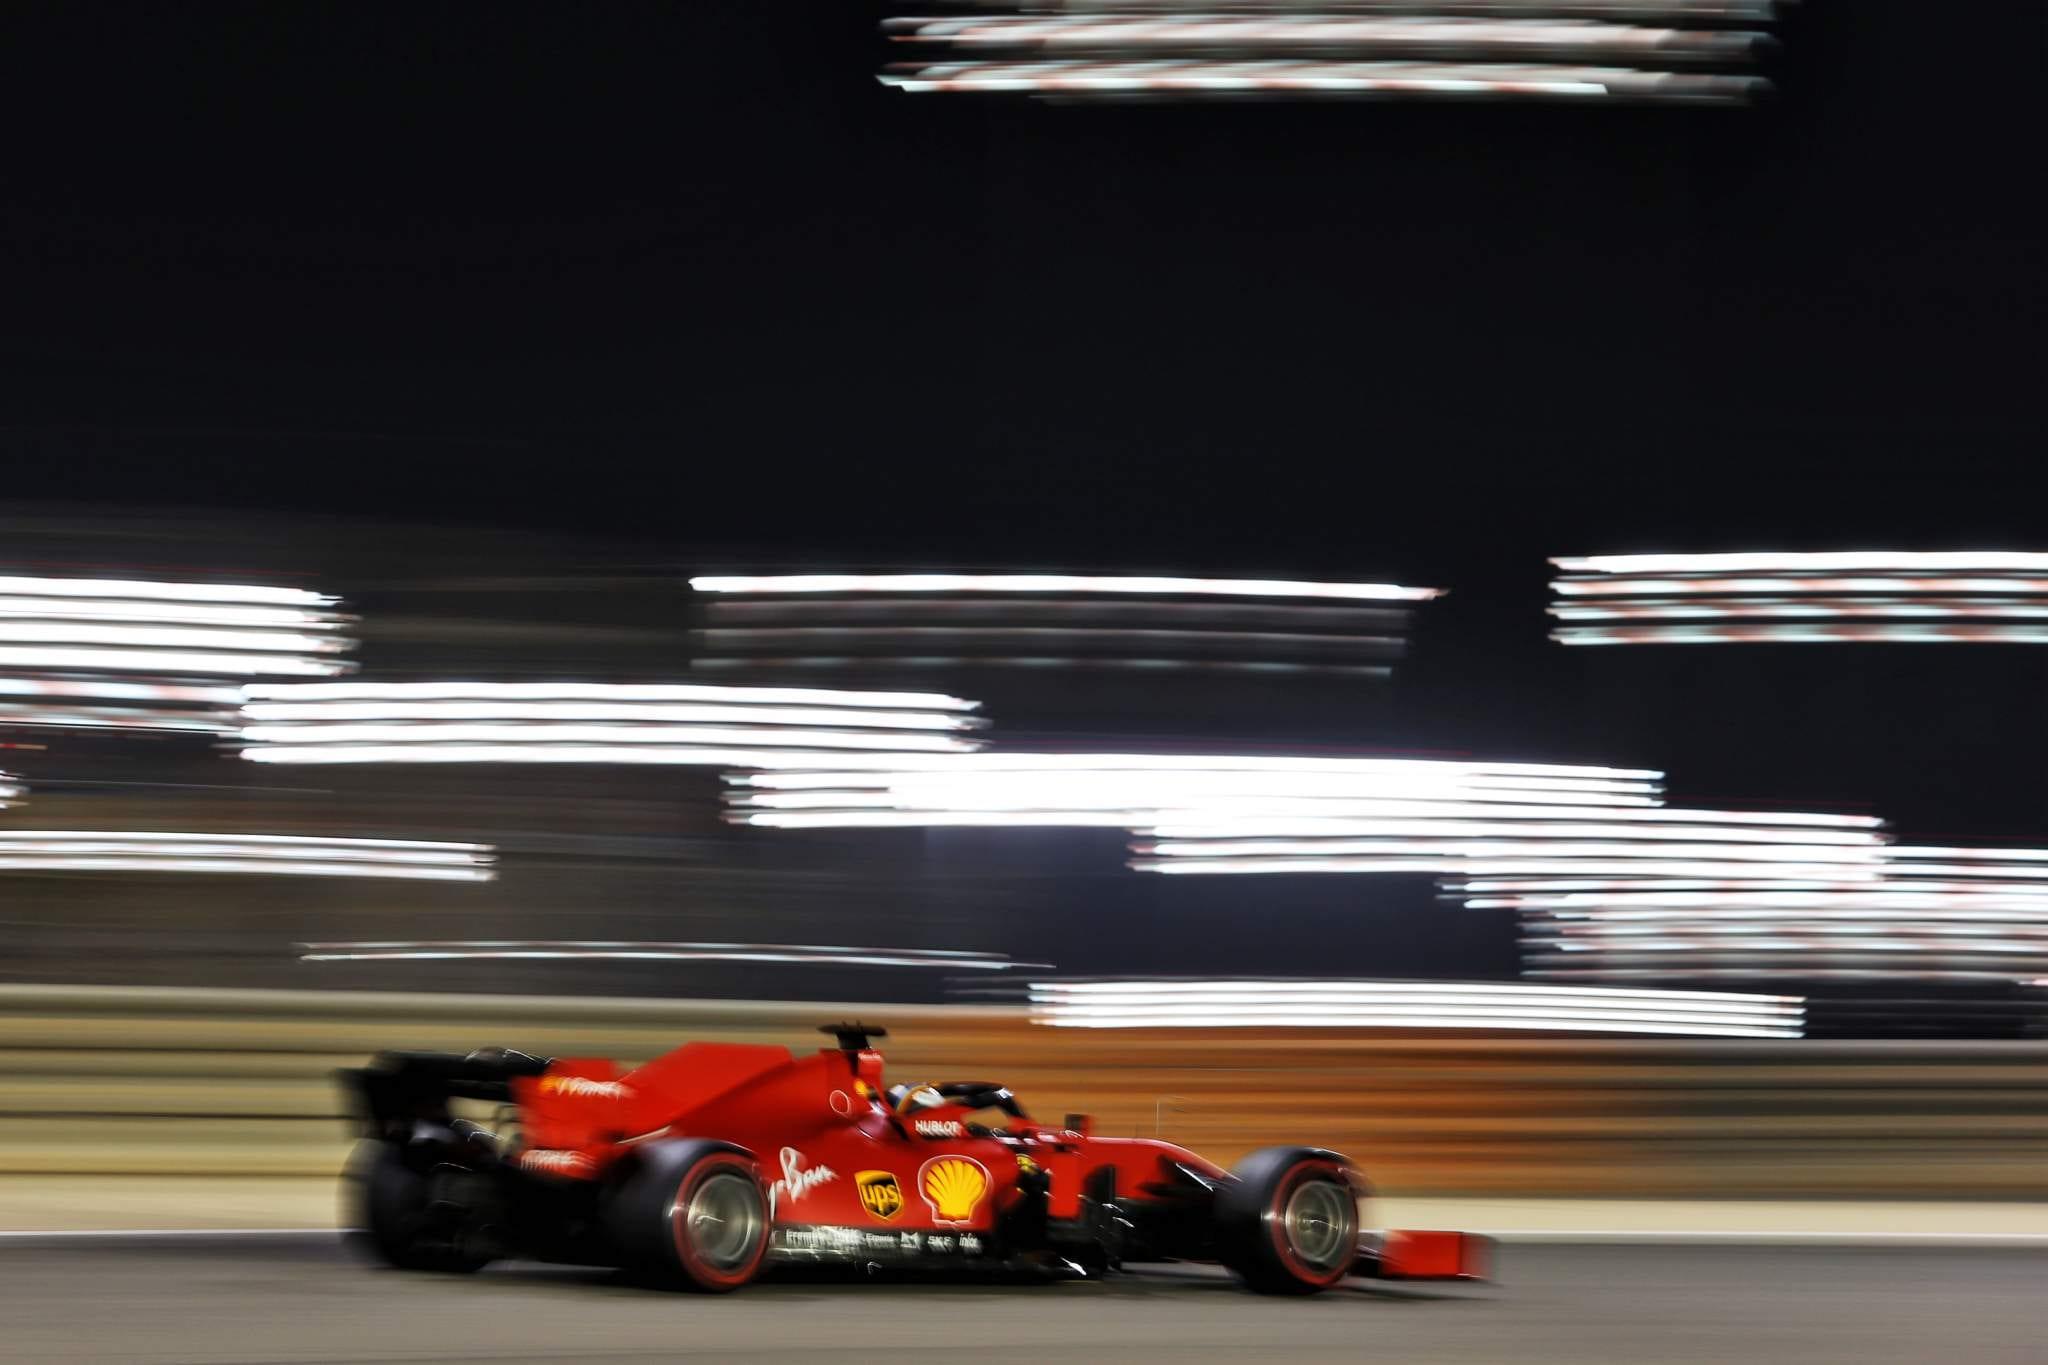 Motor Racing Formula One World Championship Bahrain Grand Prix Qualifying Day Sakhir, Bahrain